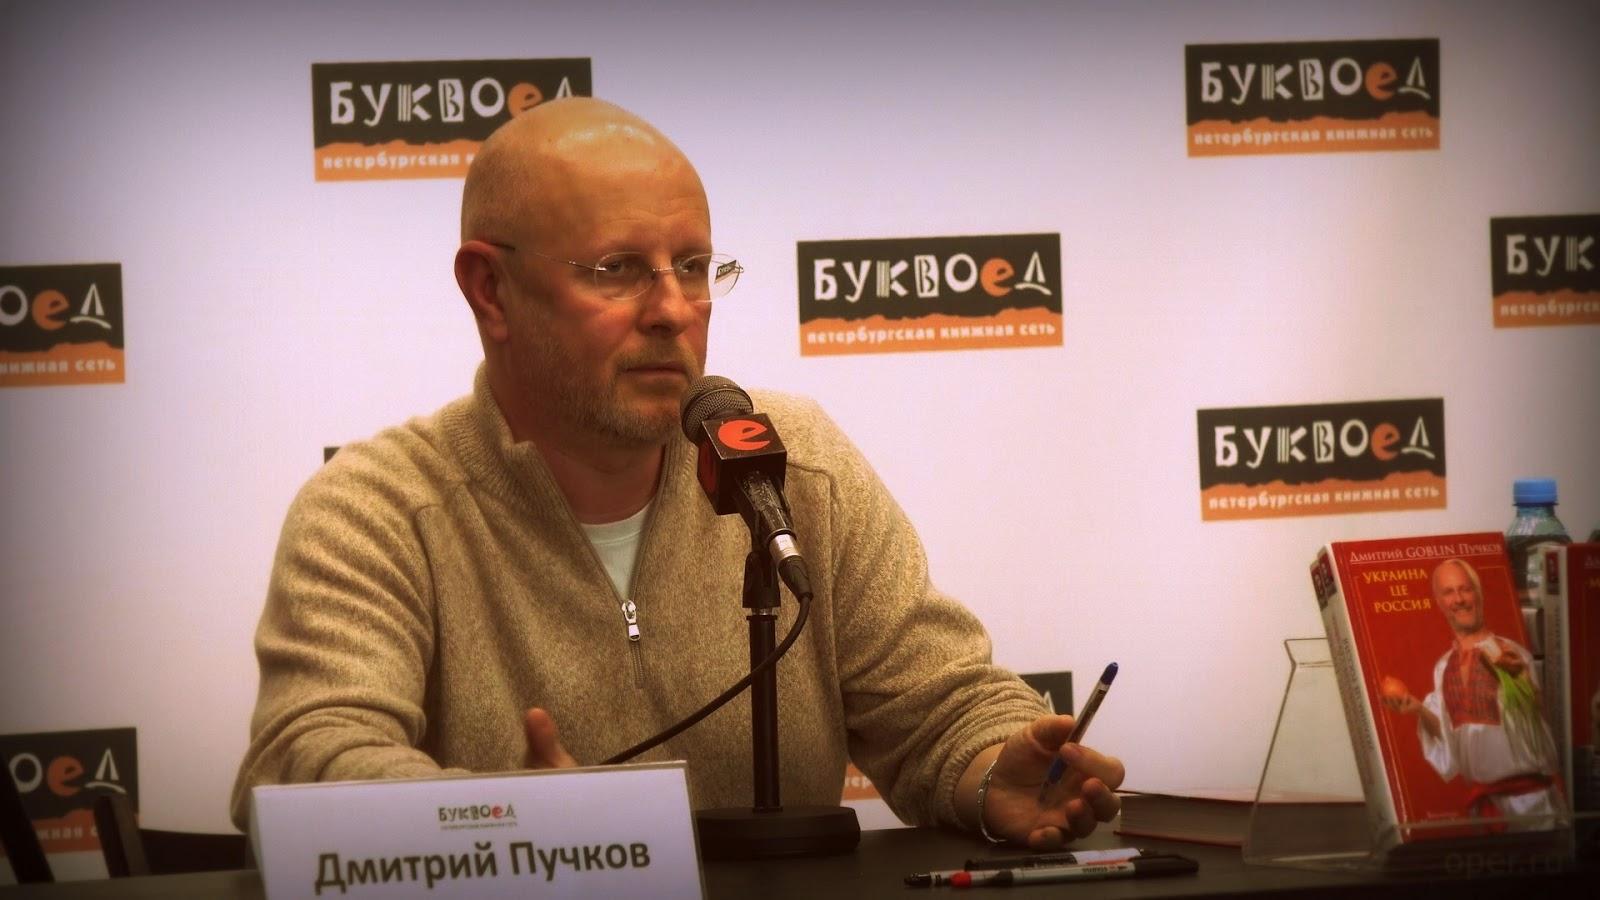 Дмитрий пучков скачать книгу украина це россия